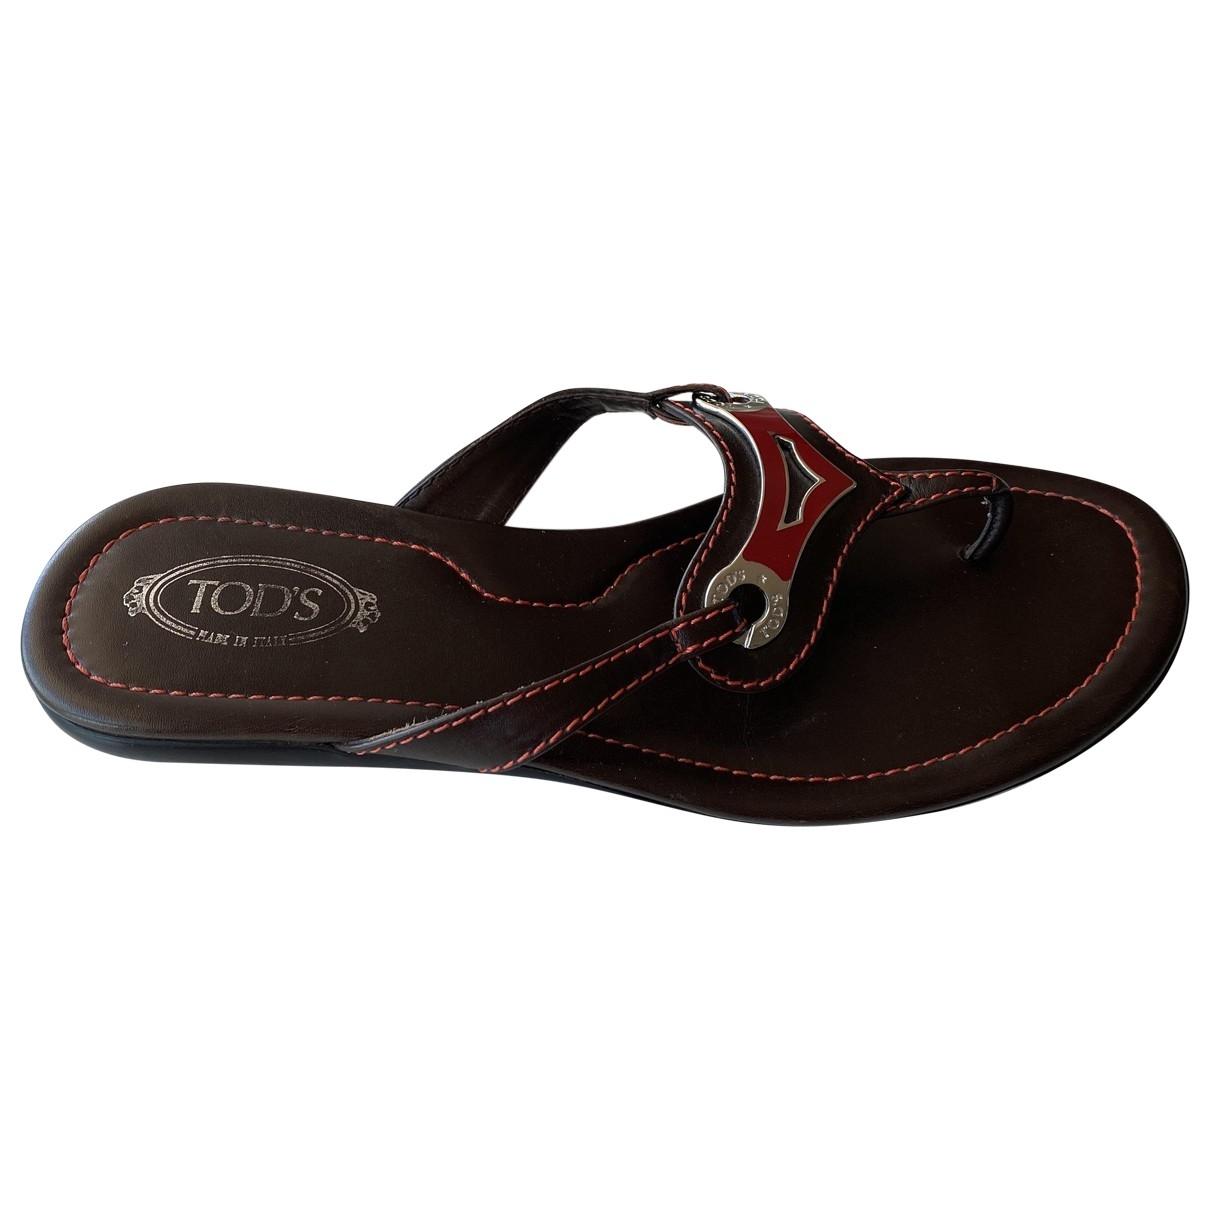 Tod's - Sandales   pour femme en cuir - marron